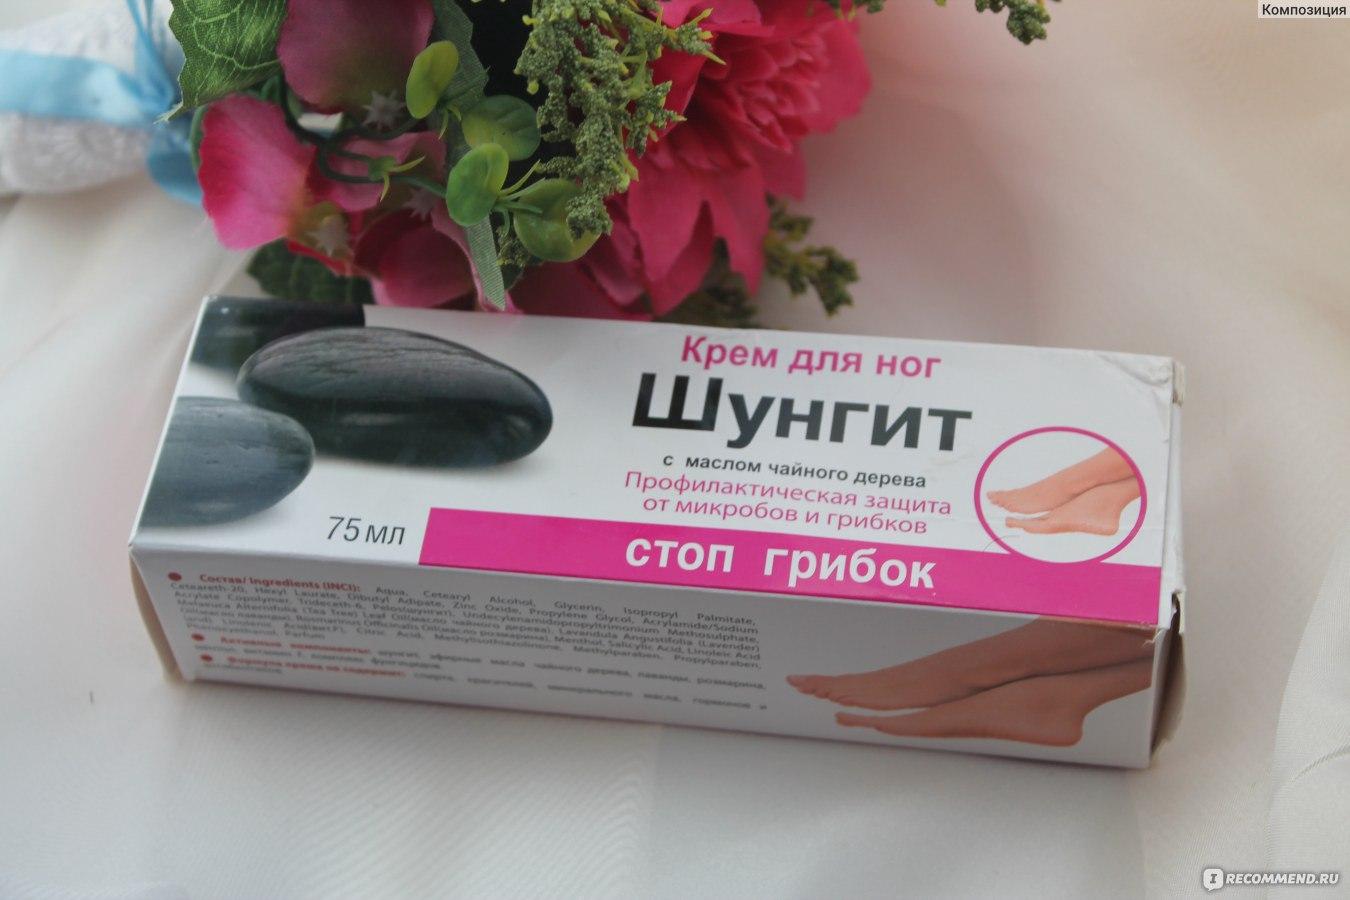 Как вылечить грибок стоп. народная медицина